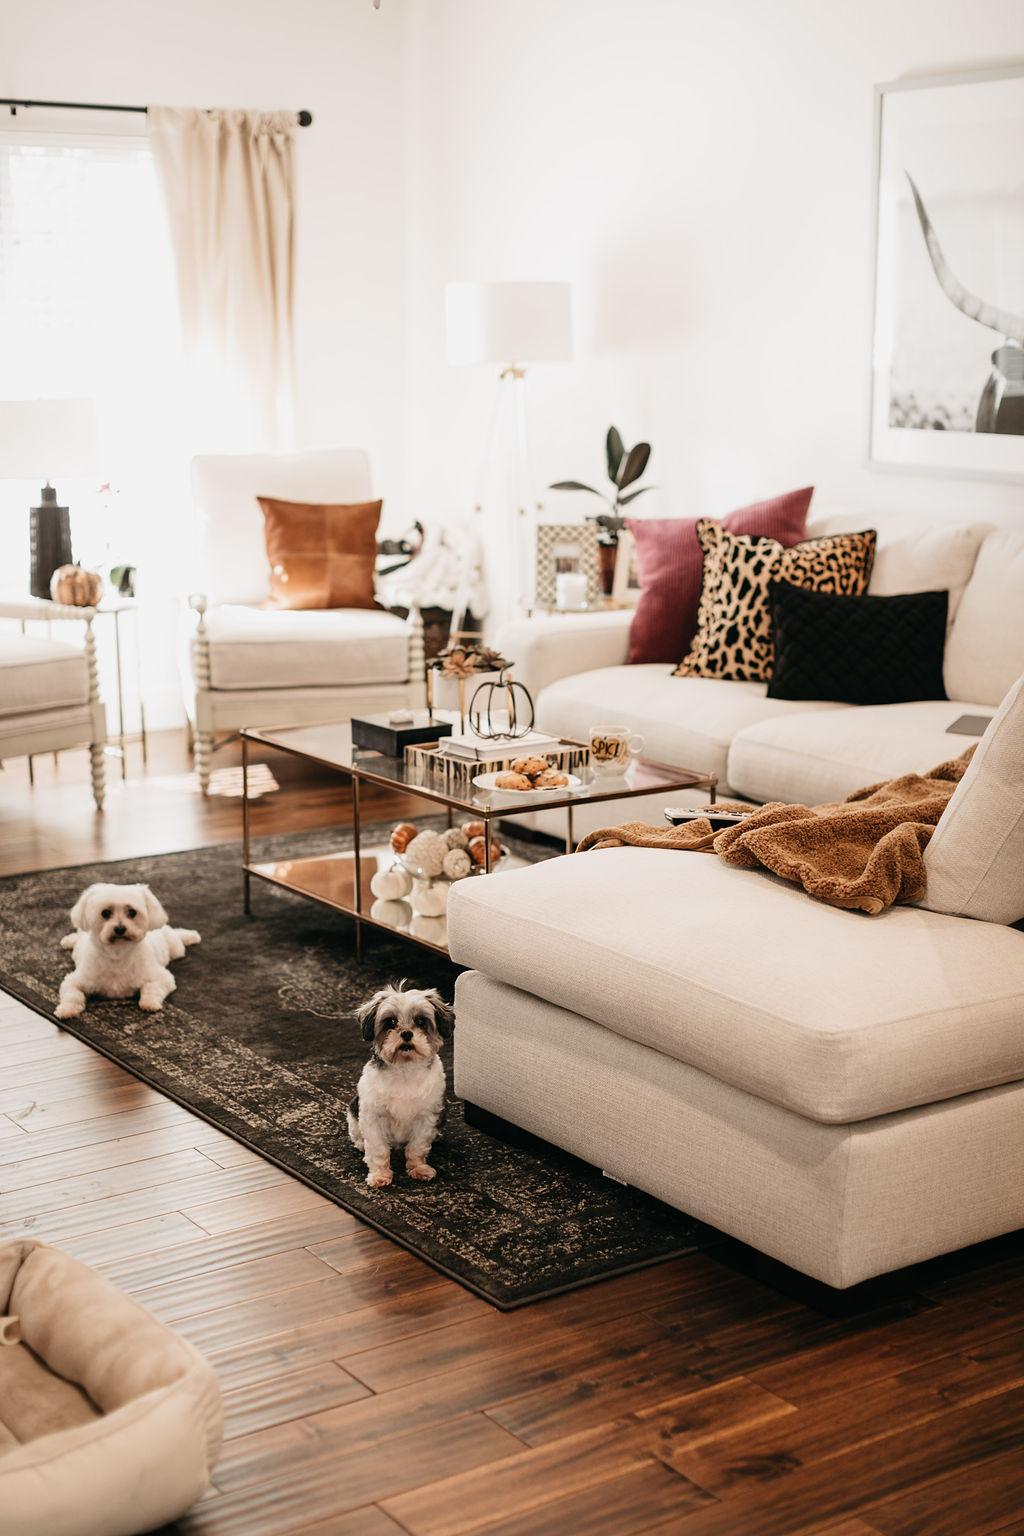 Fall Home Decor One Small Blonde Dallas Fashion Blogger